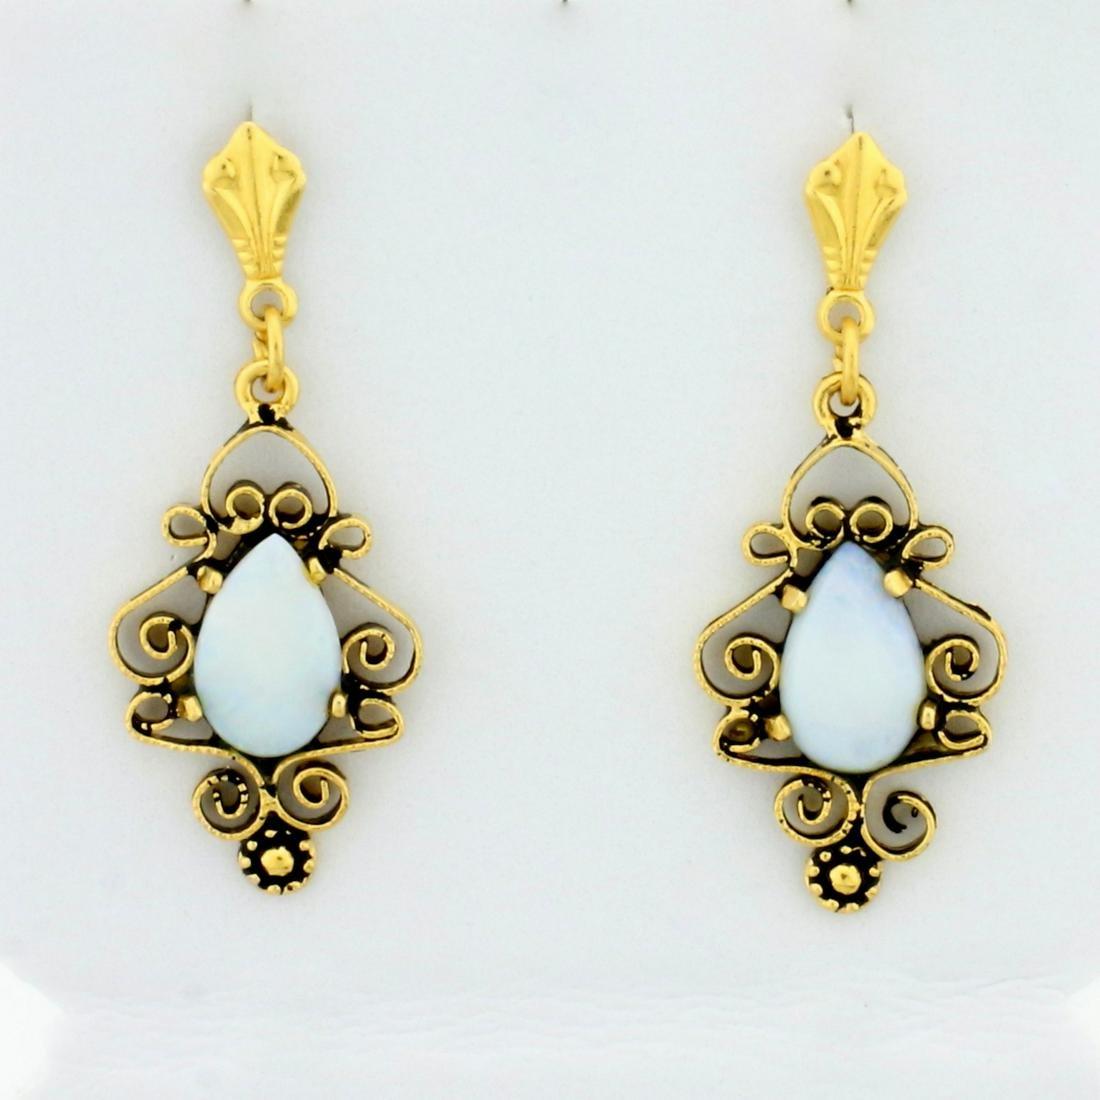 Vintage Dangle Opal Dangle Earrings in 14K Yellow Gold